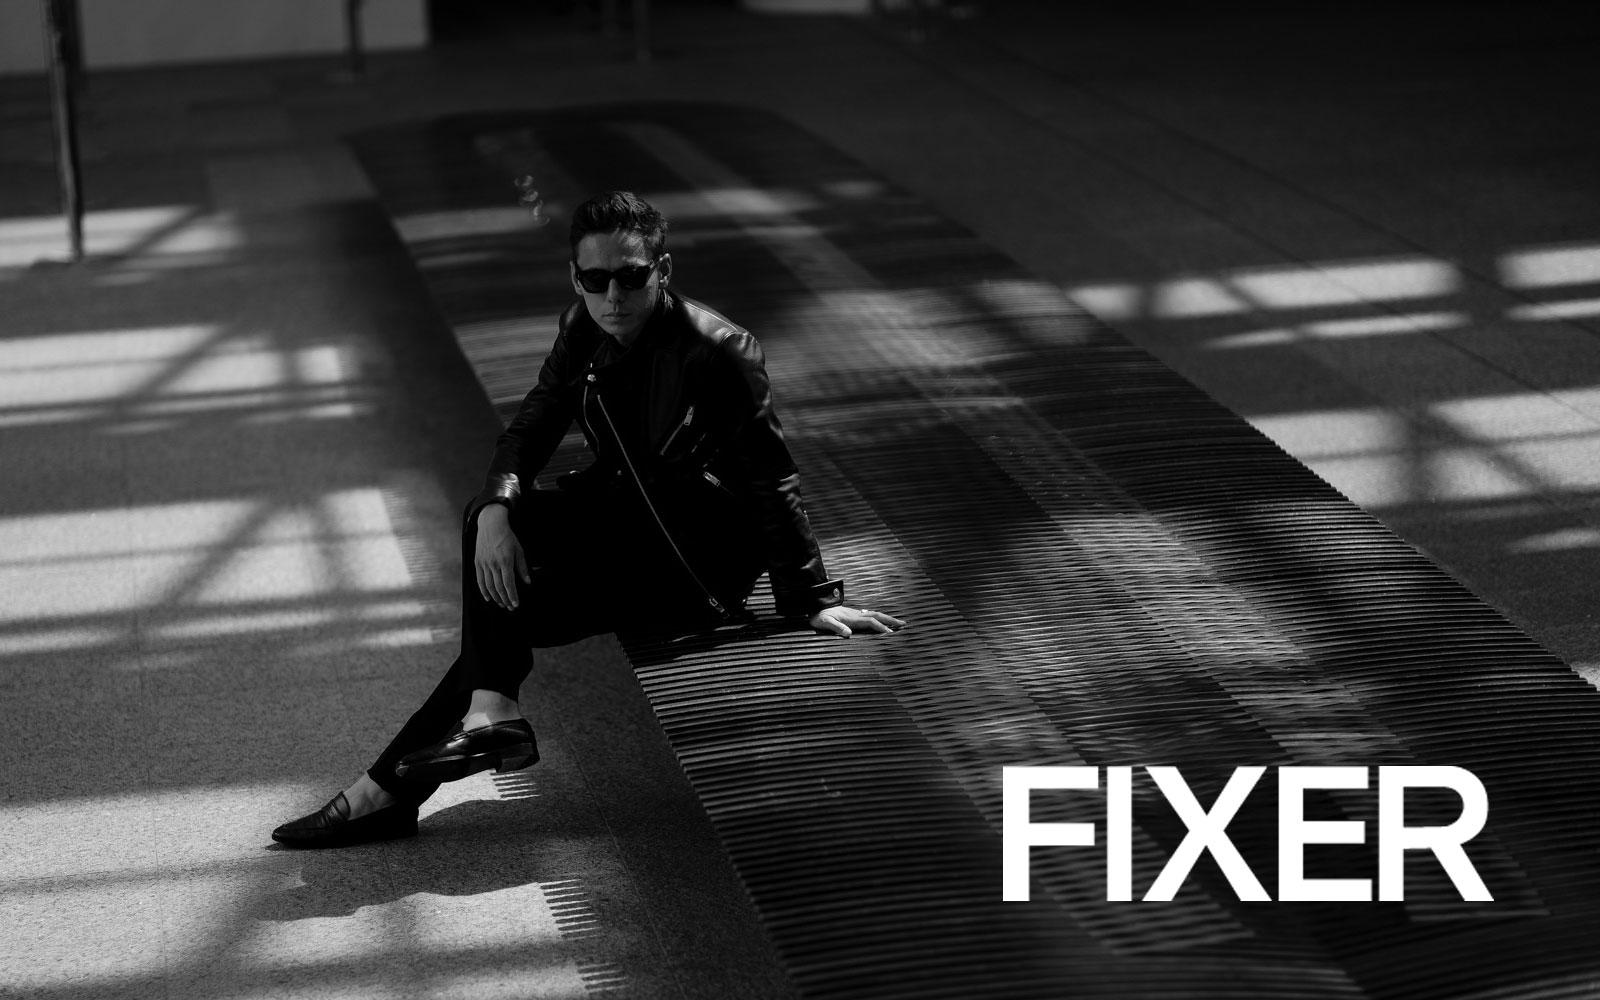 FIXER / フィクサーのブランド画像